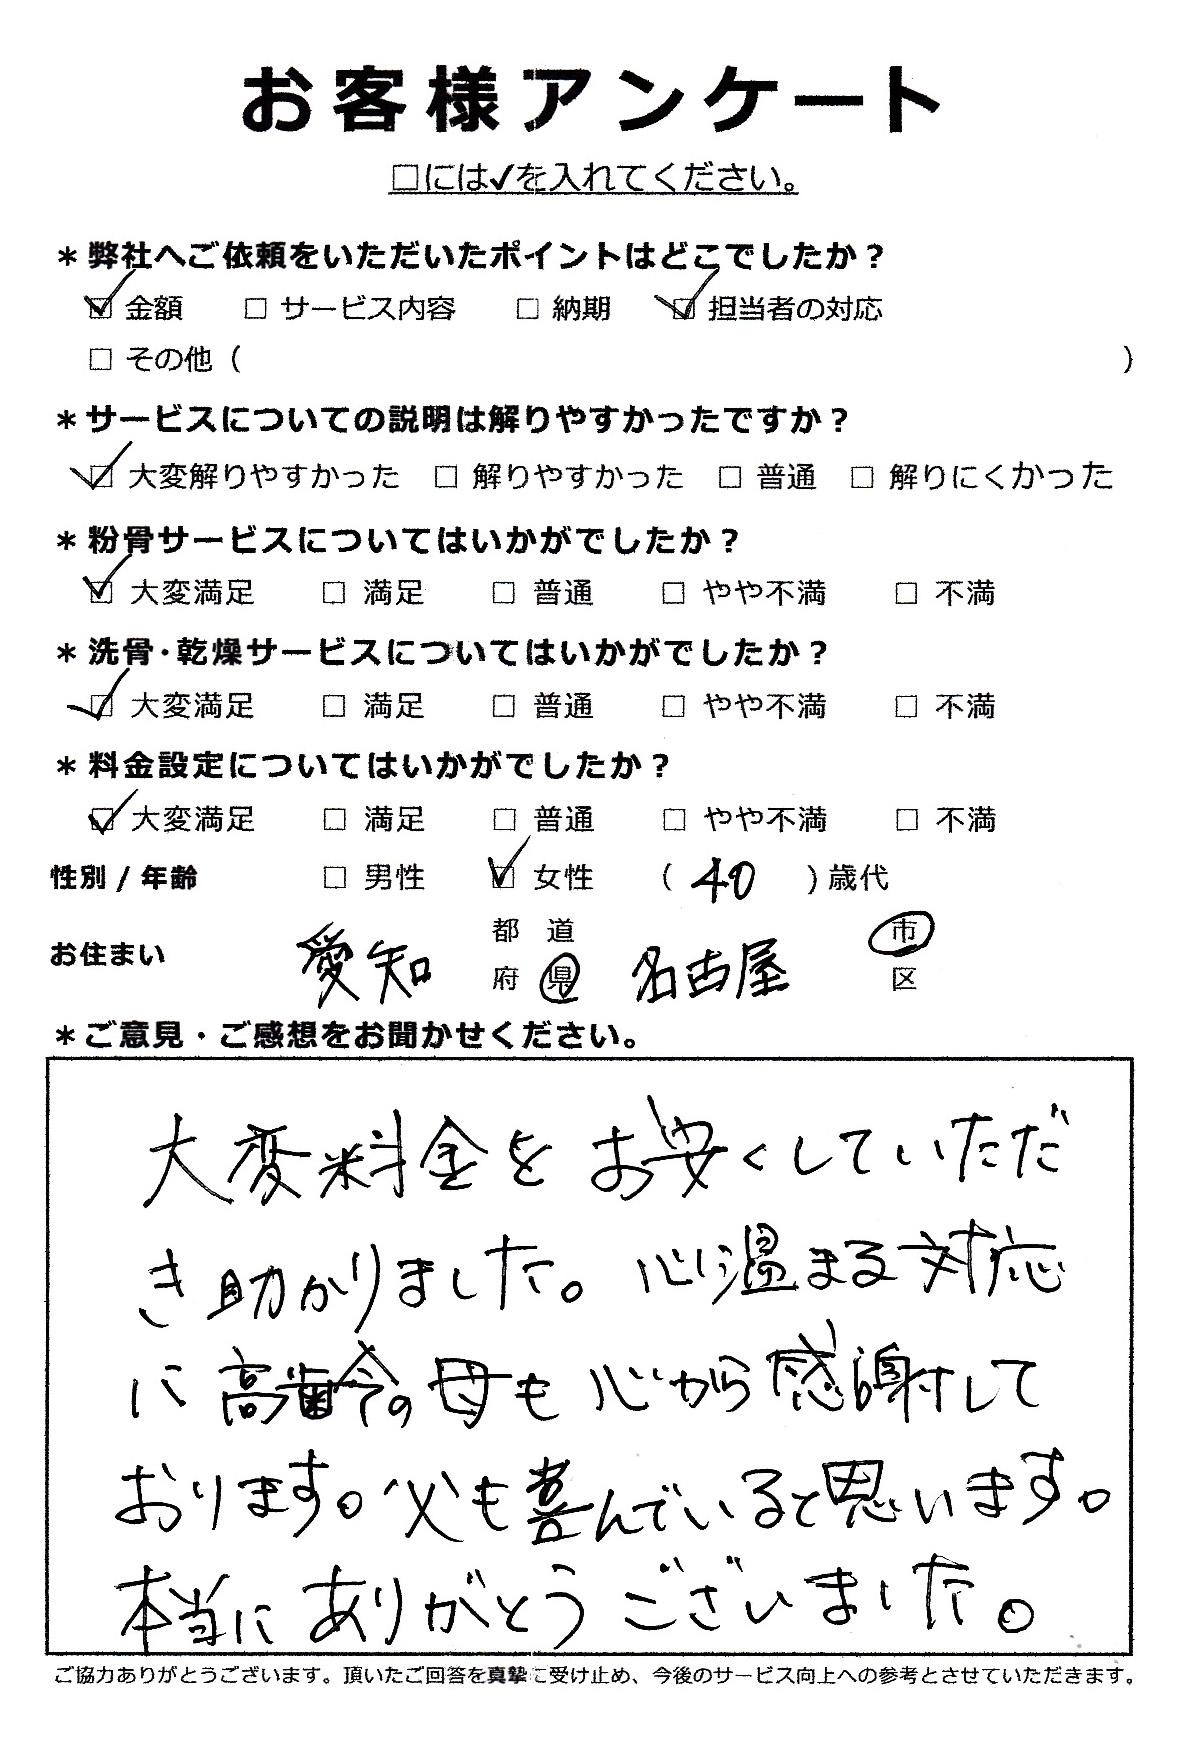 名古屋市での粉骨事例